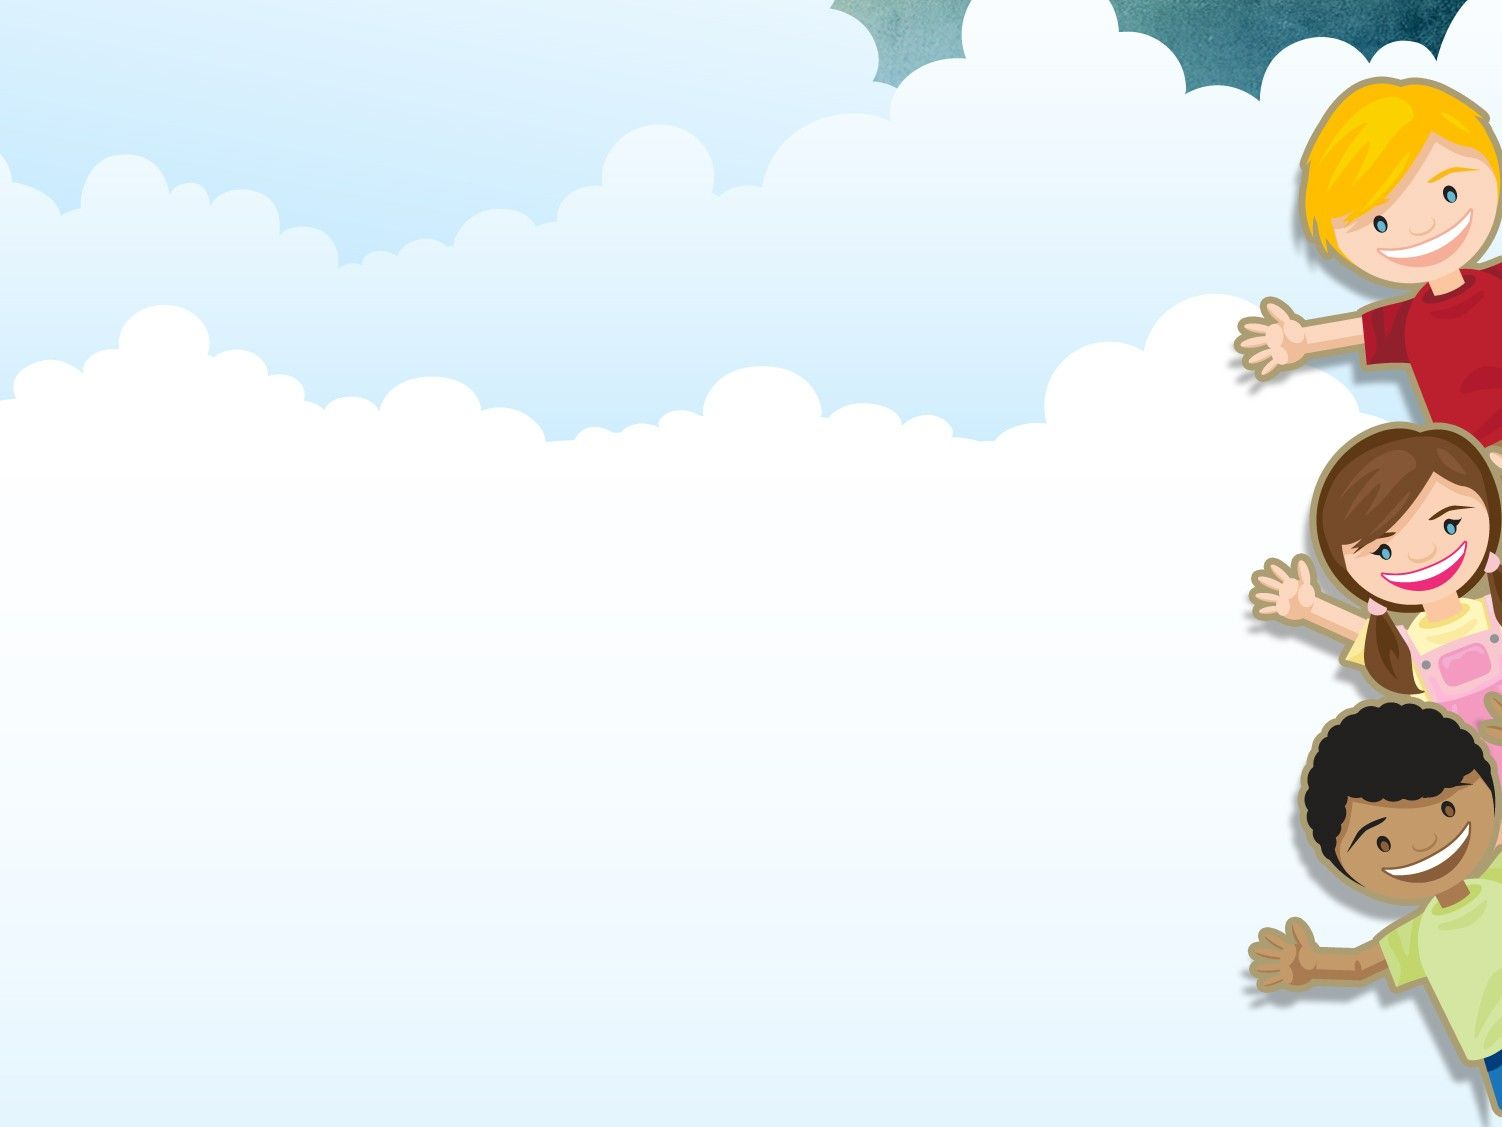 Картинка для презентации фон для детей, открытки игры картинки